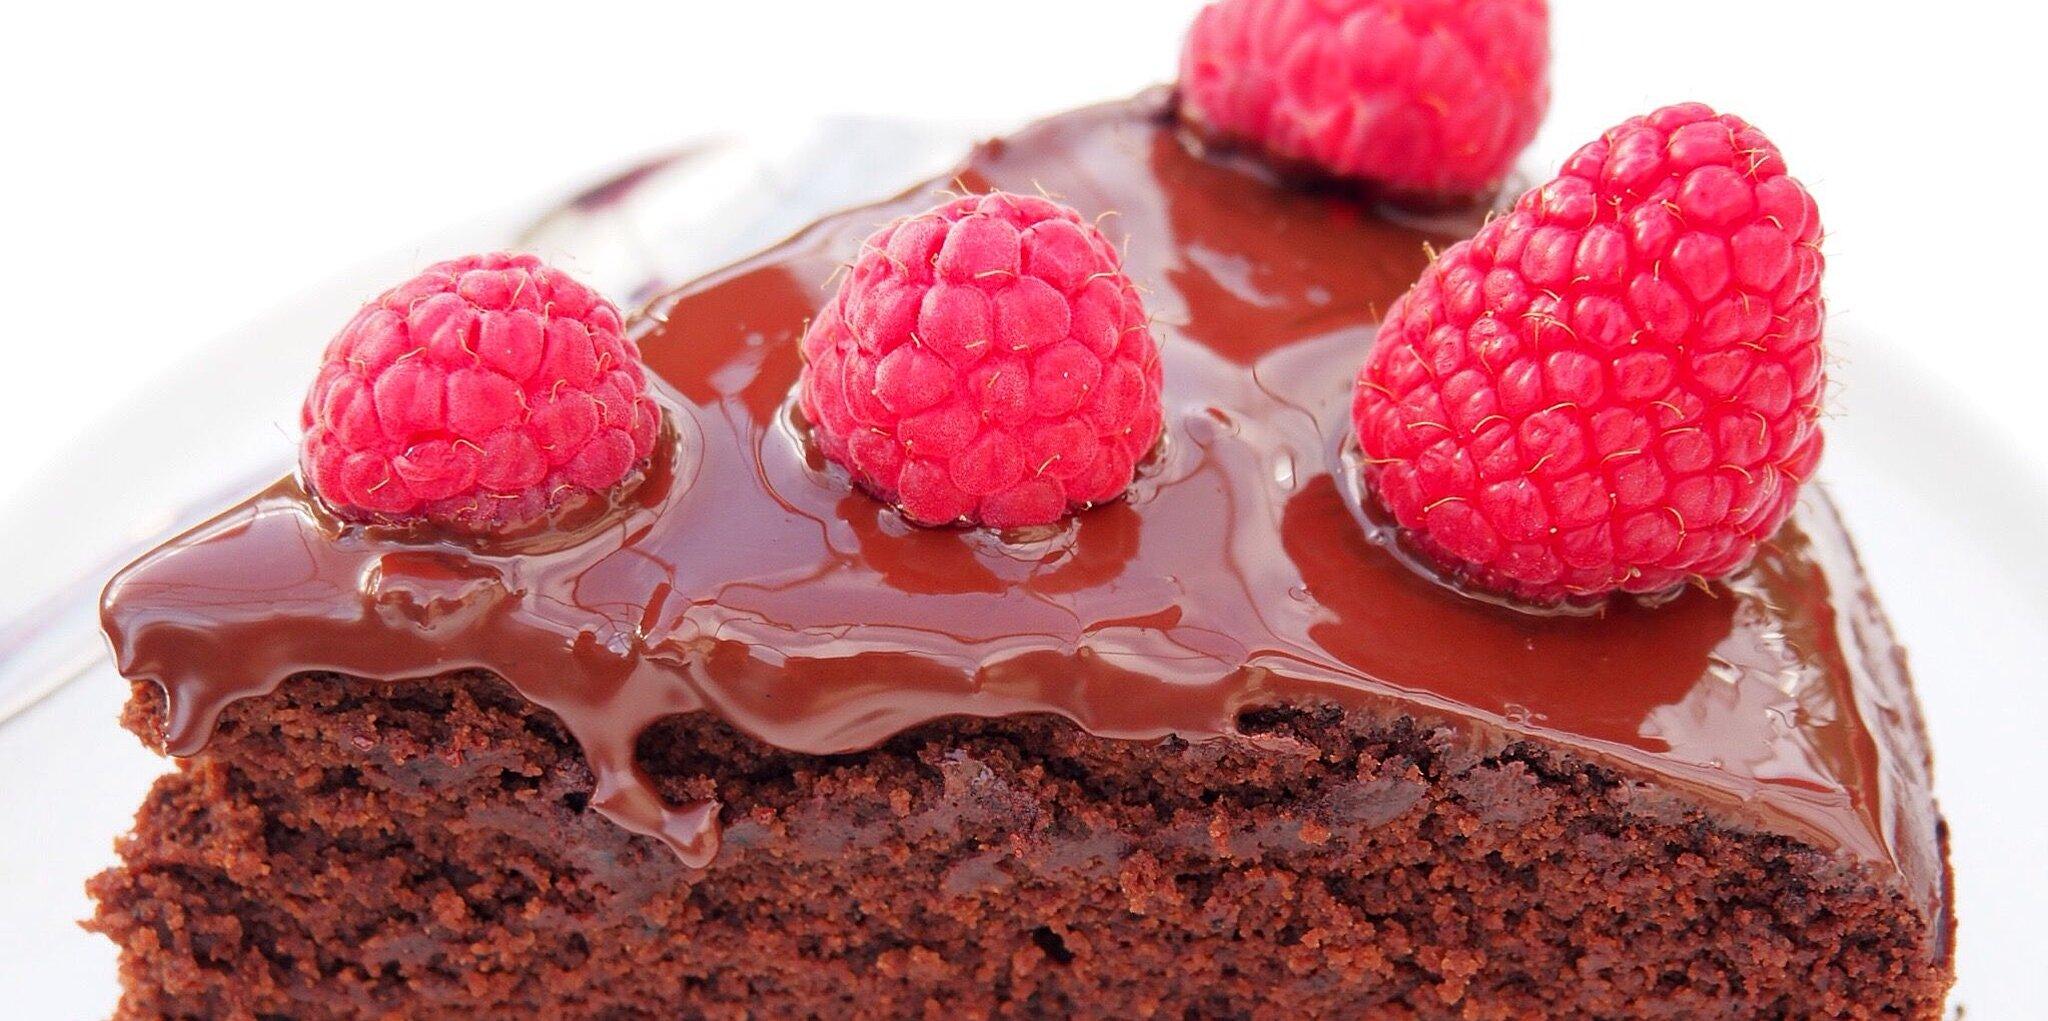 vegan and gluten free chocolate cake recipe